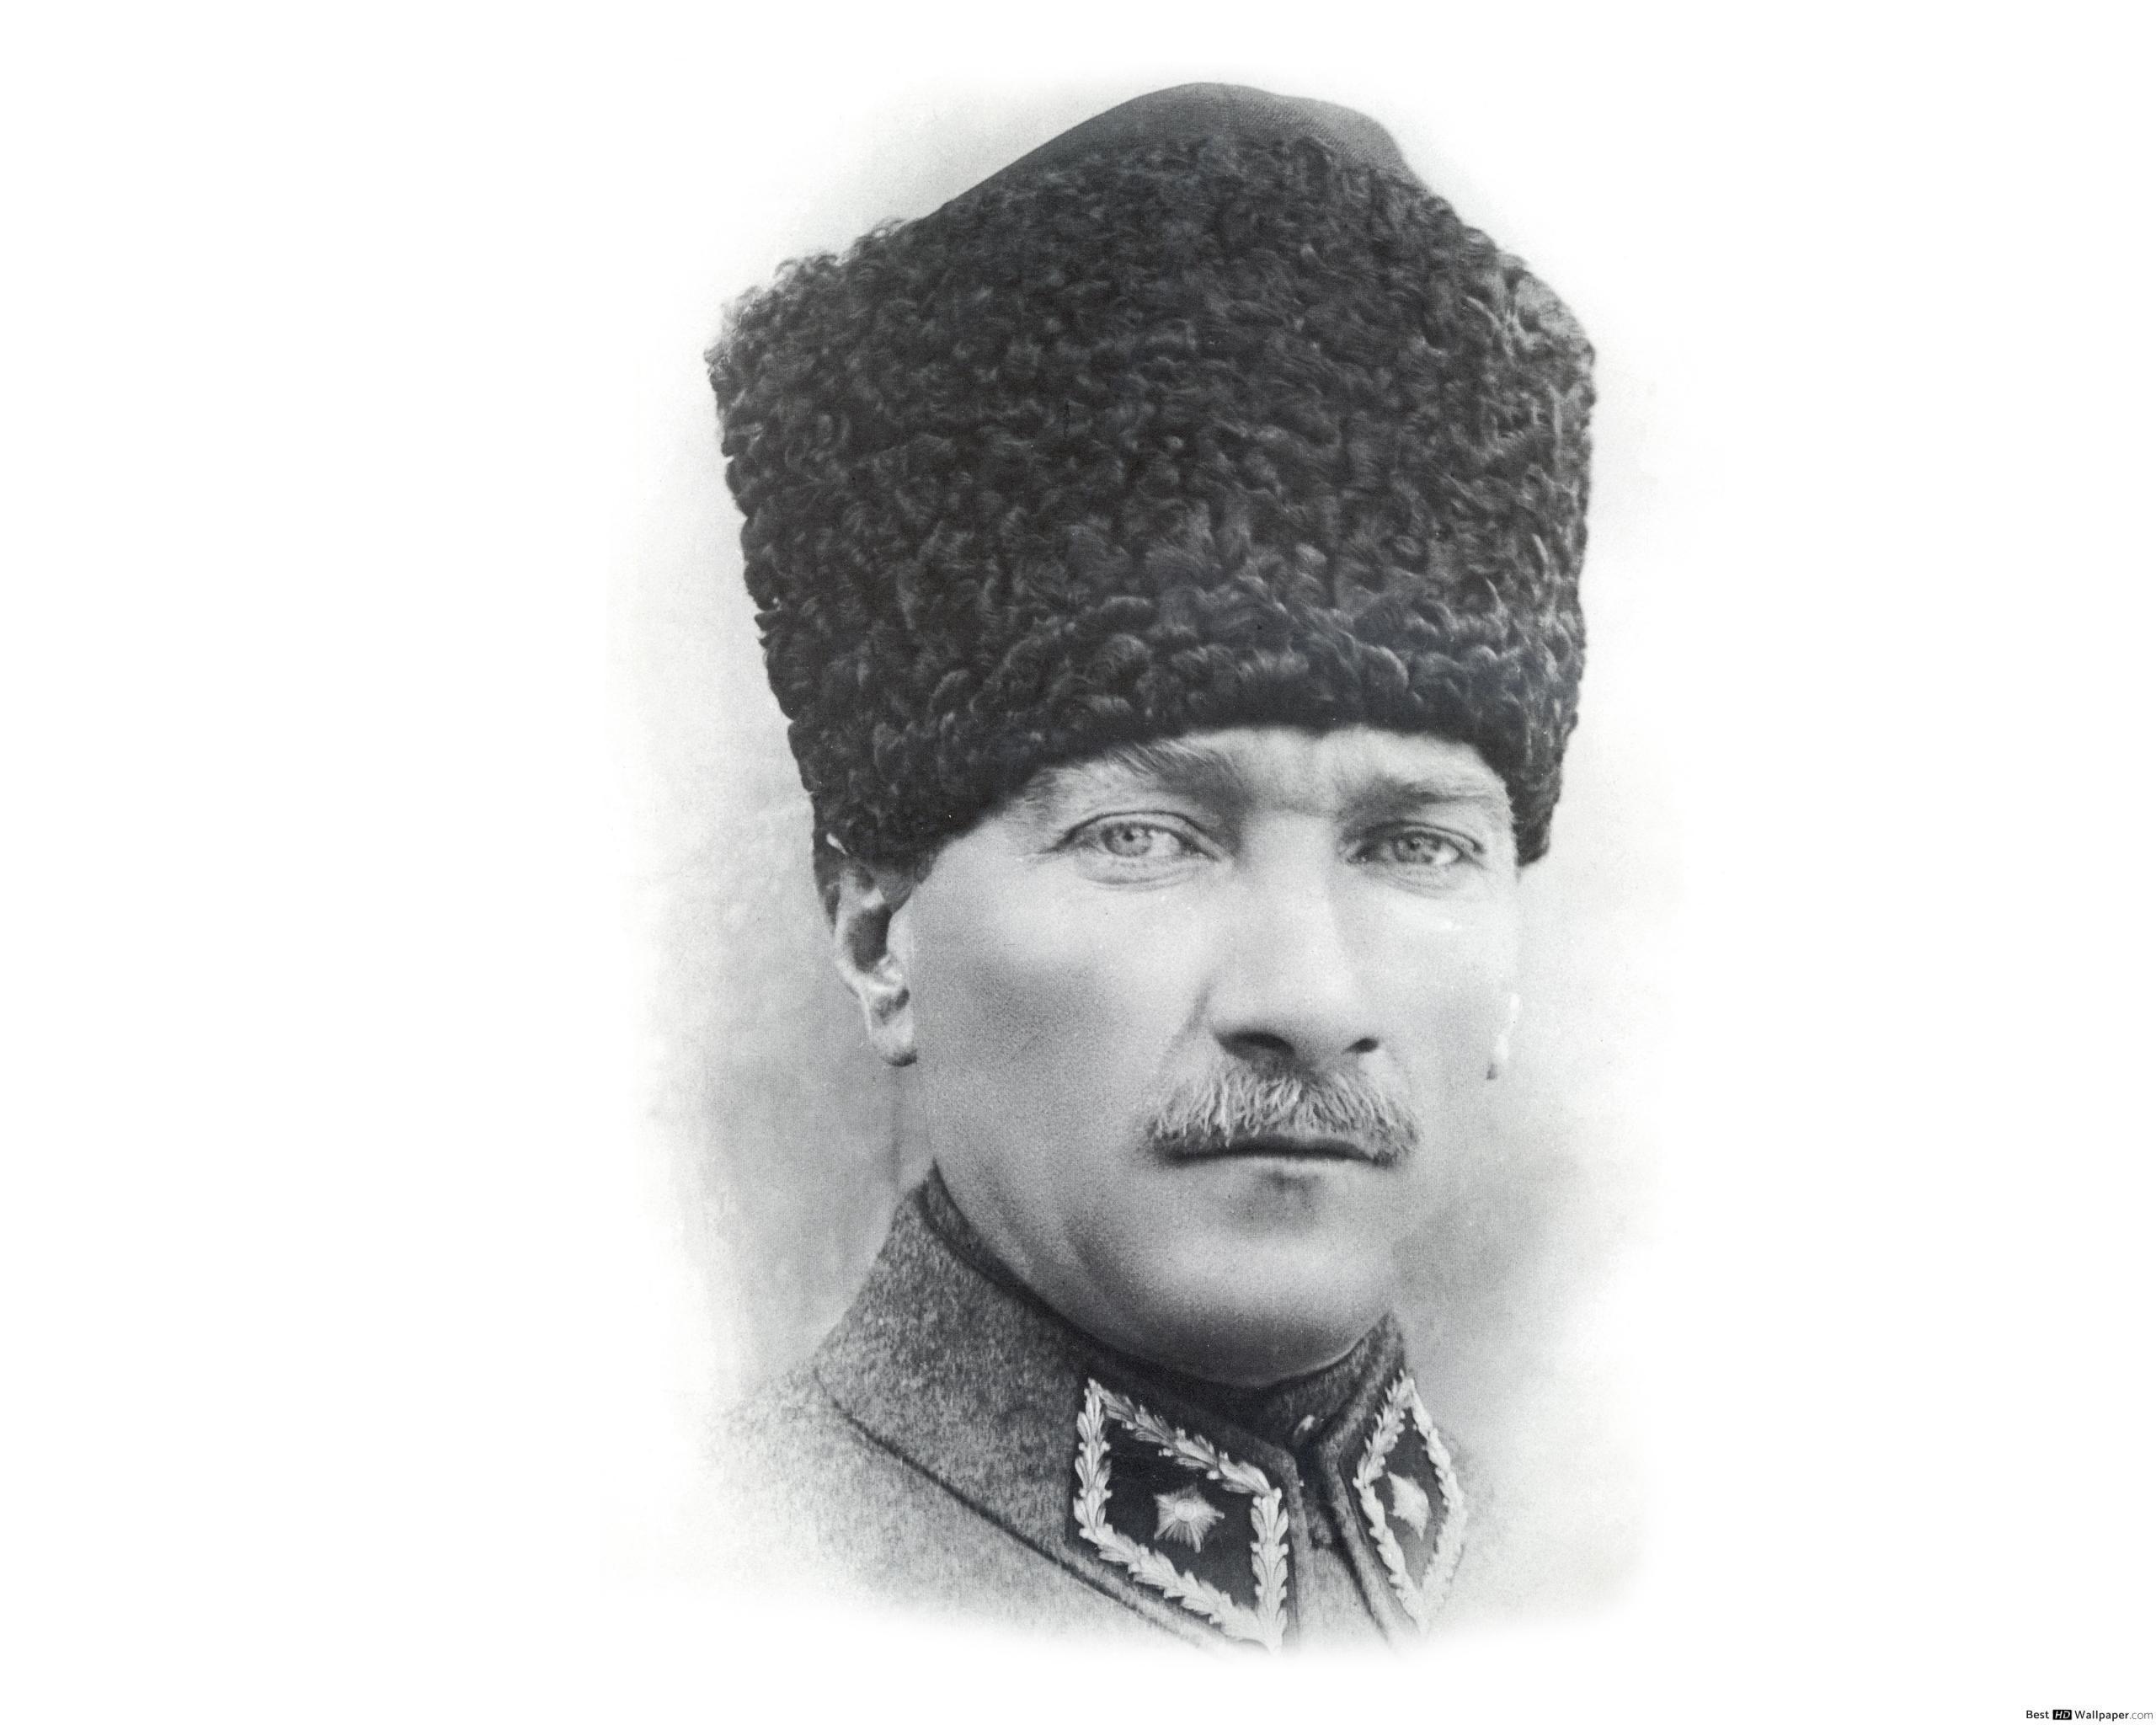 Atatürk hd wallpapers